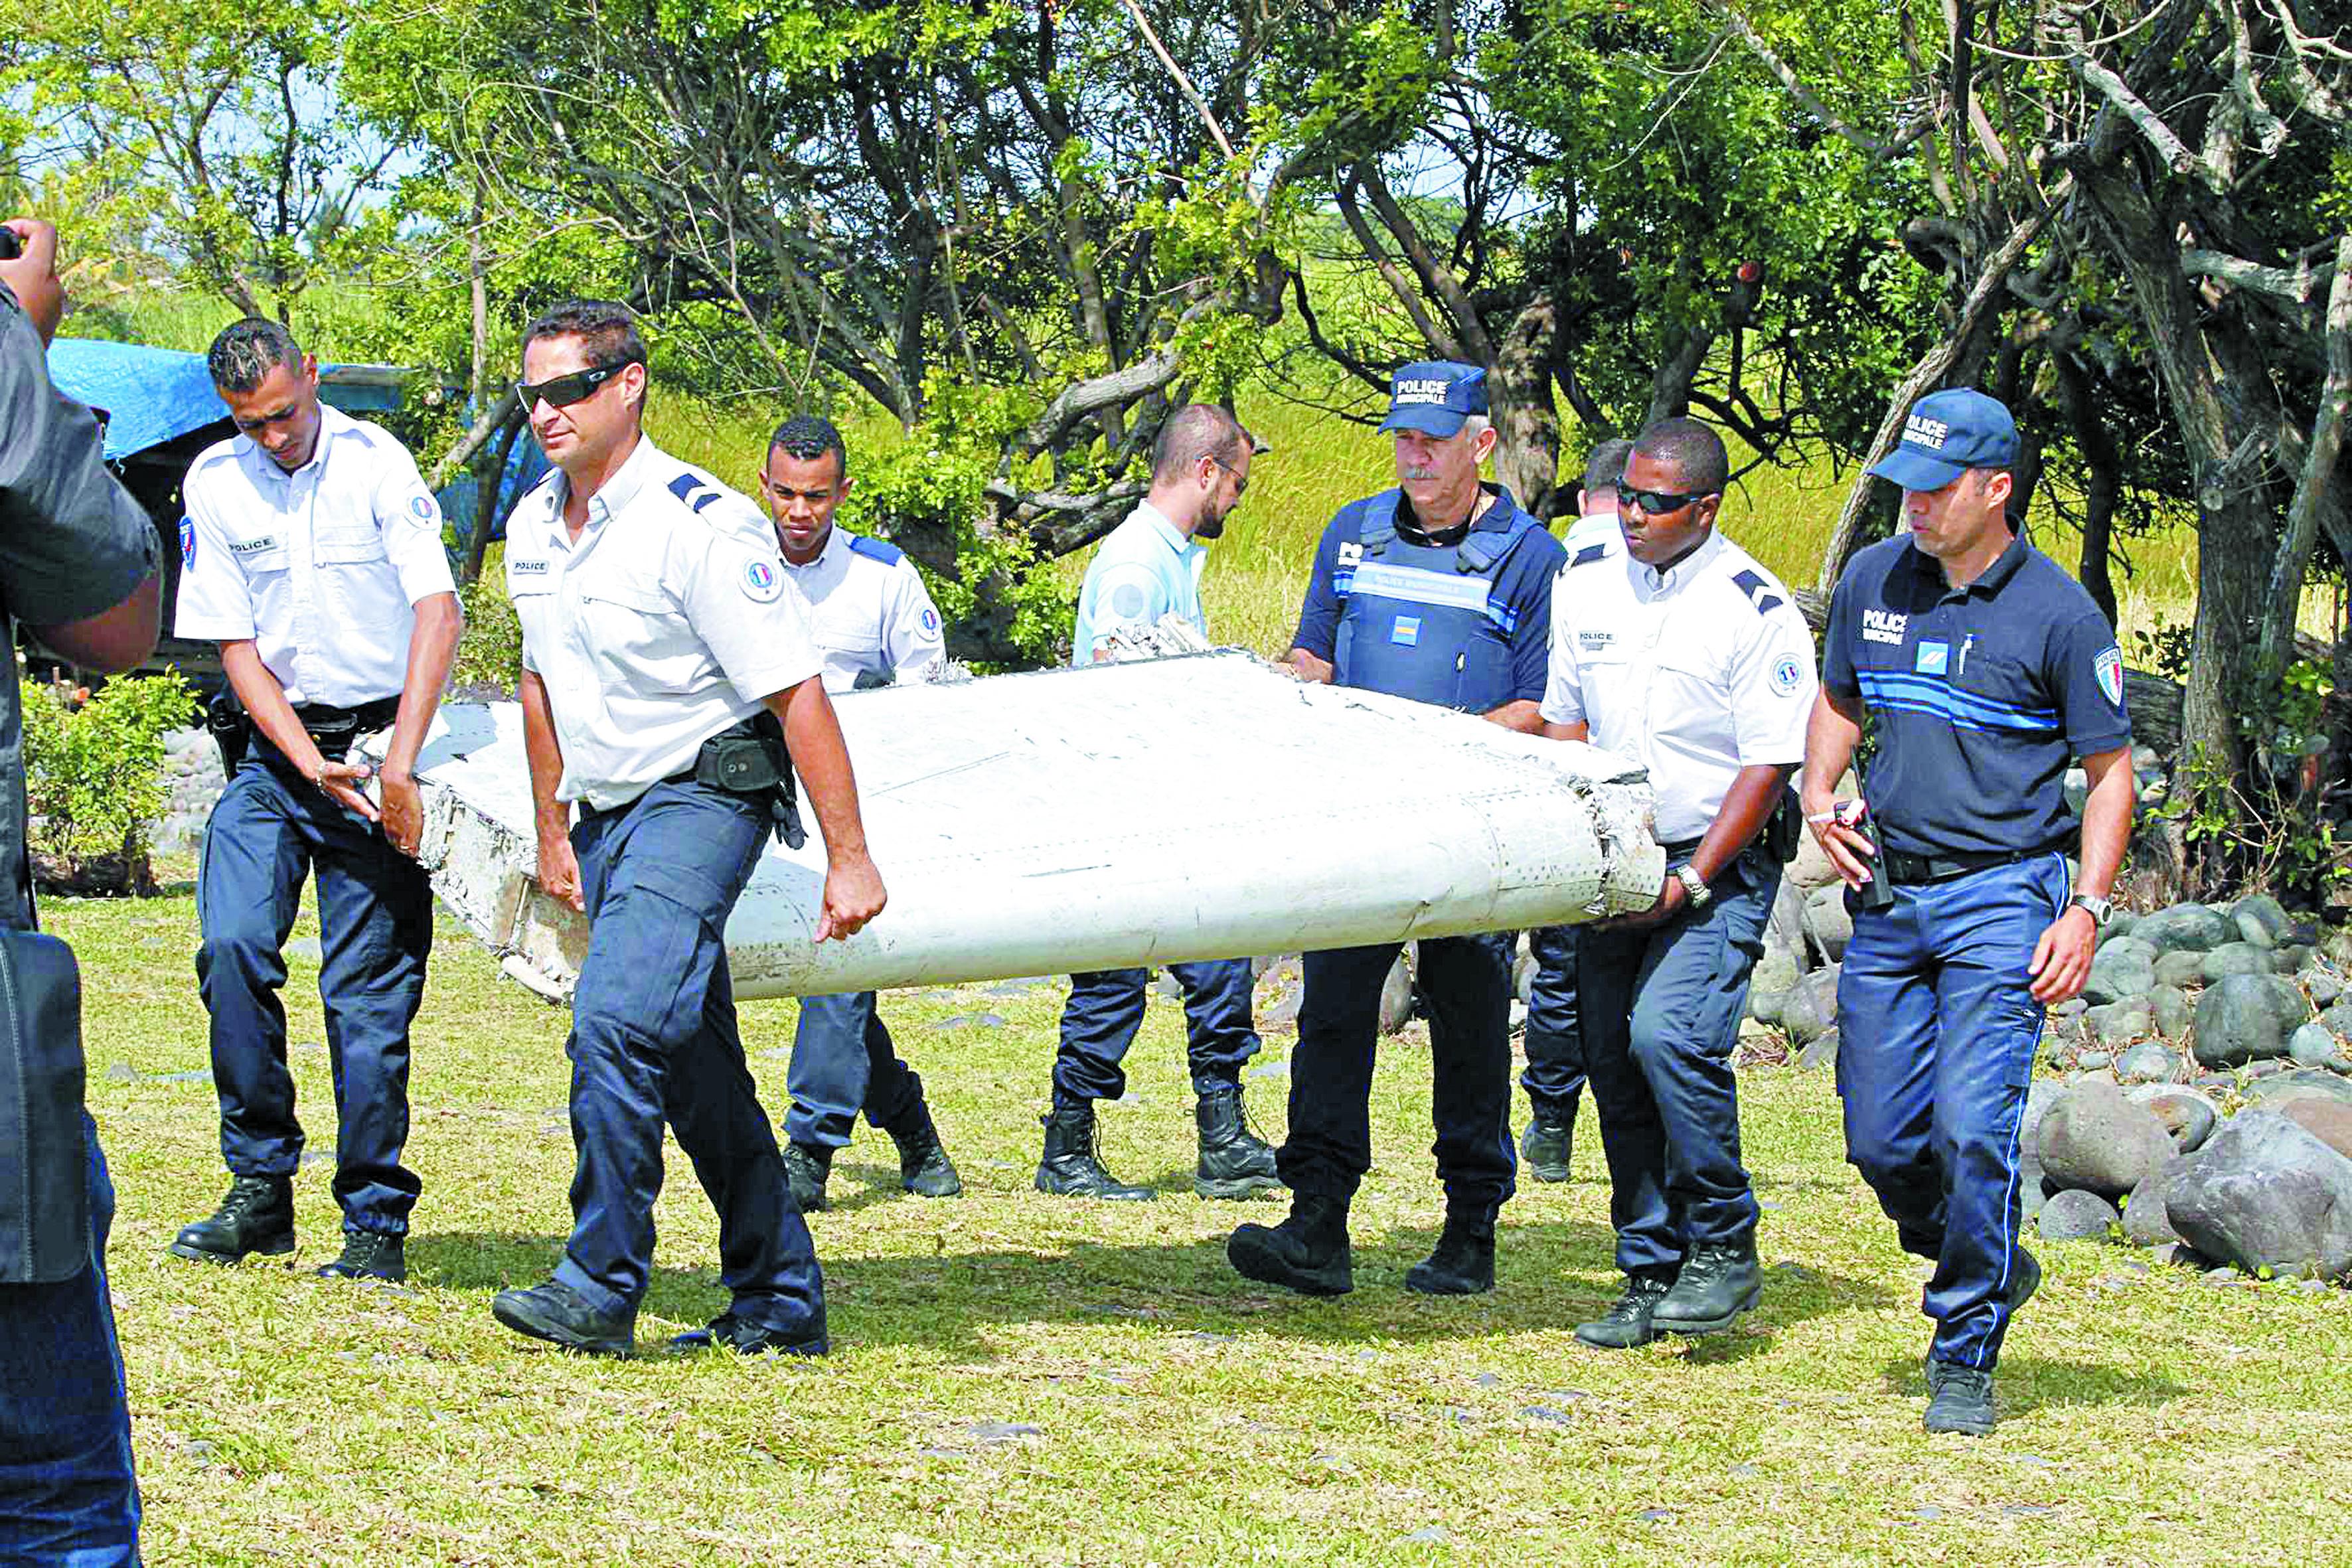 Les débris de La Réunion n'aideront pas à localiser l'avion de Malaysia Airlines